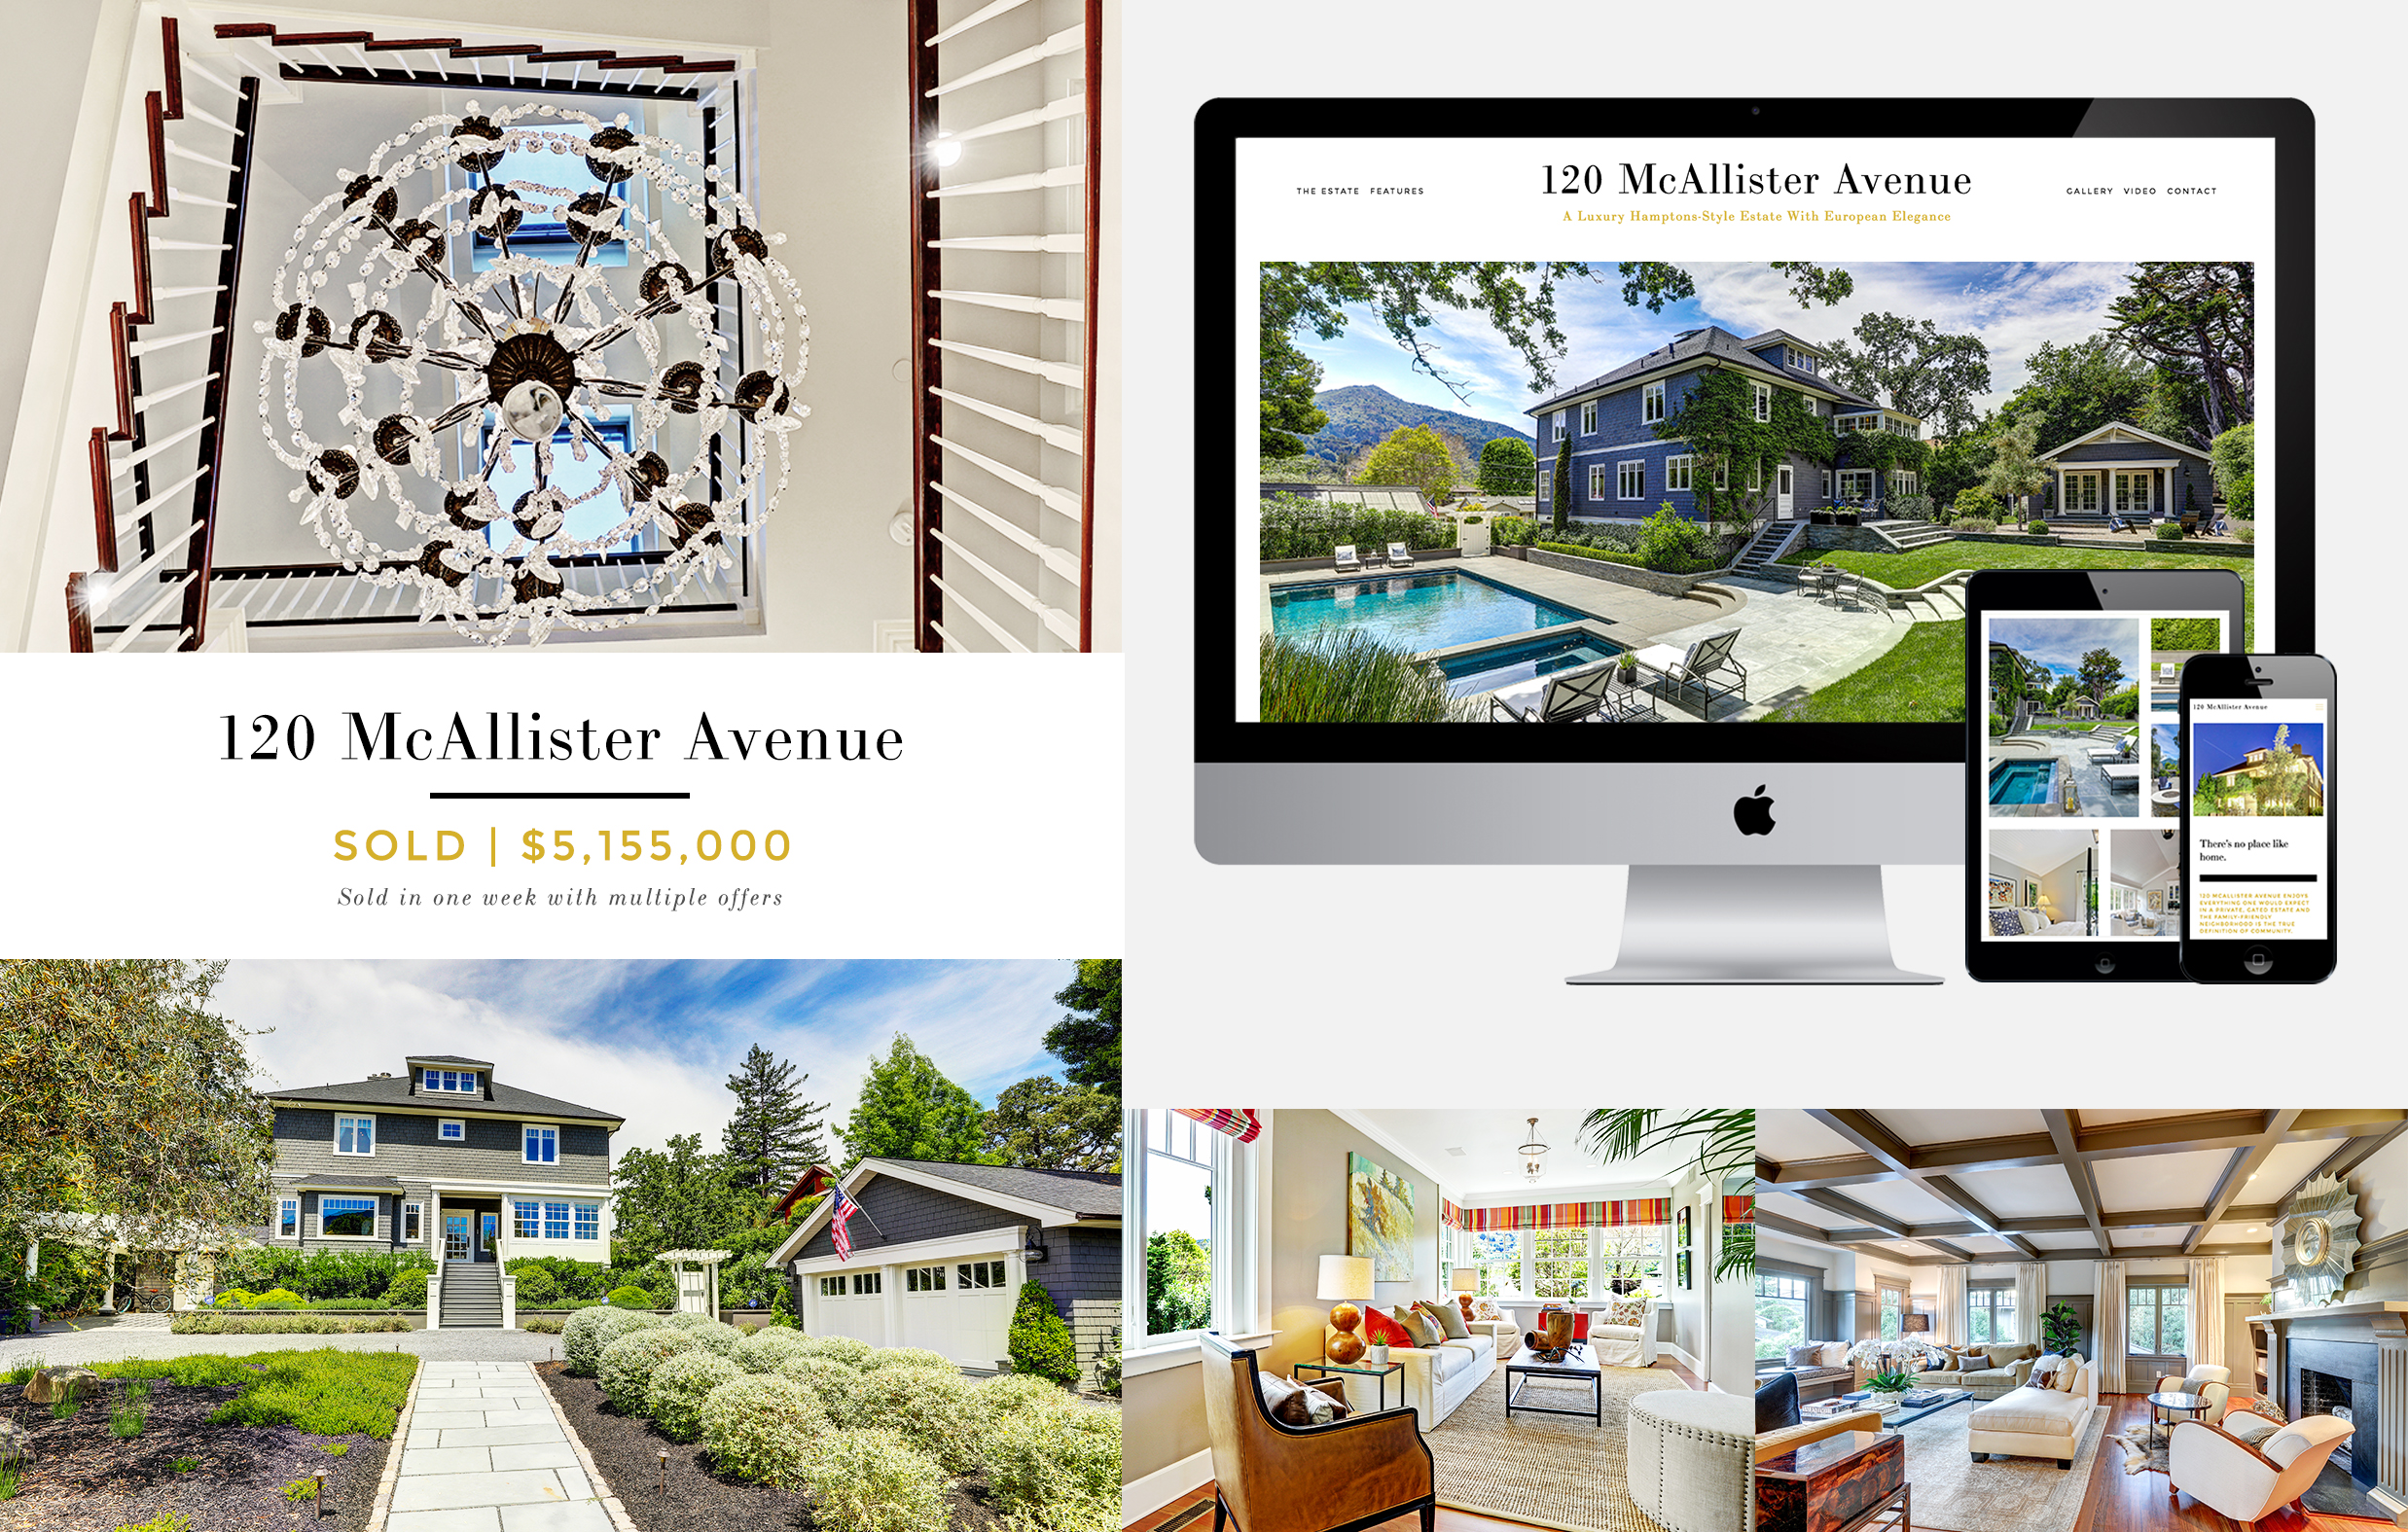 120 McAllister Avenue Kentfield